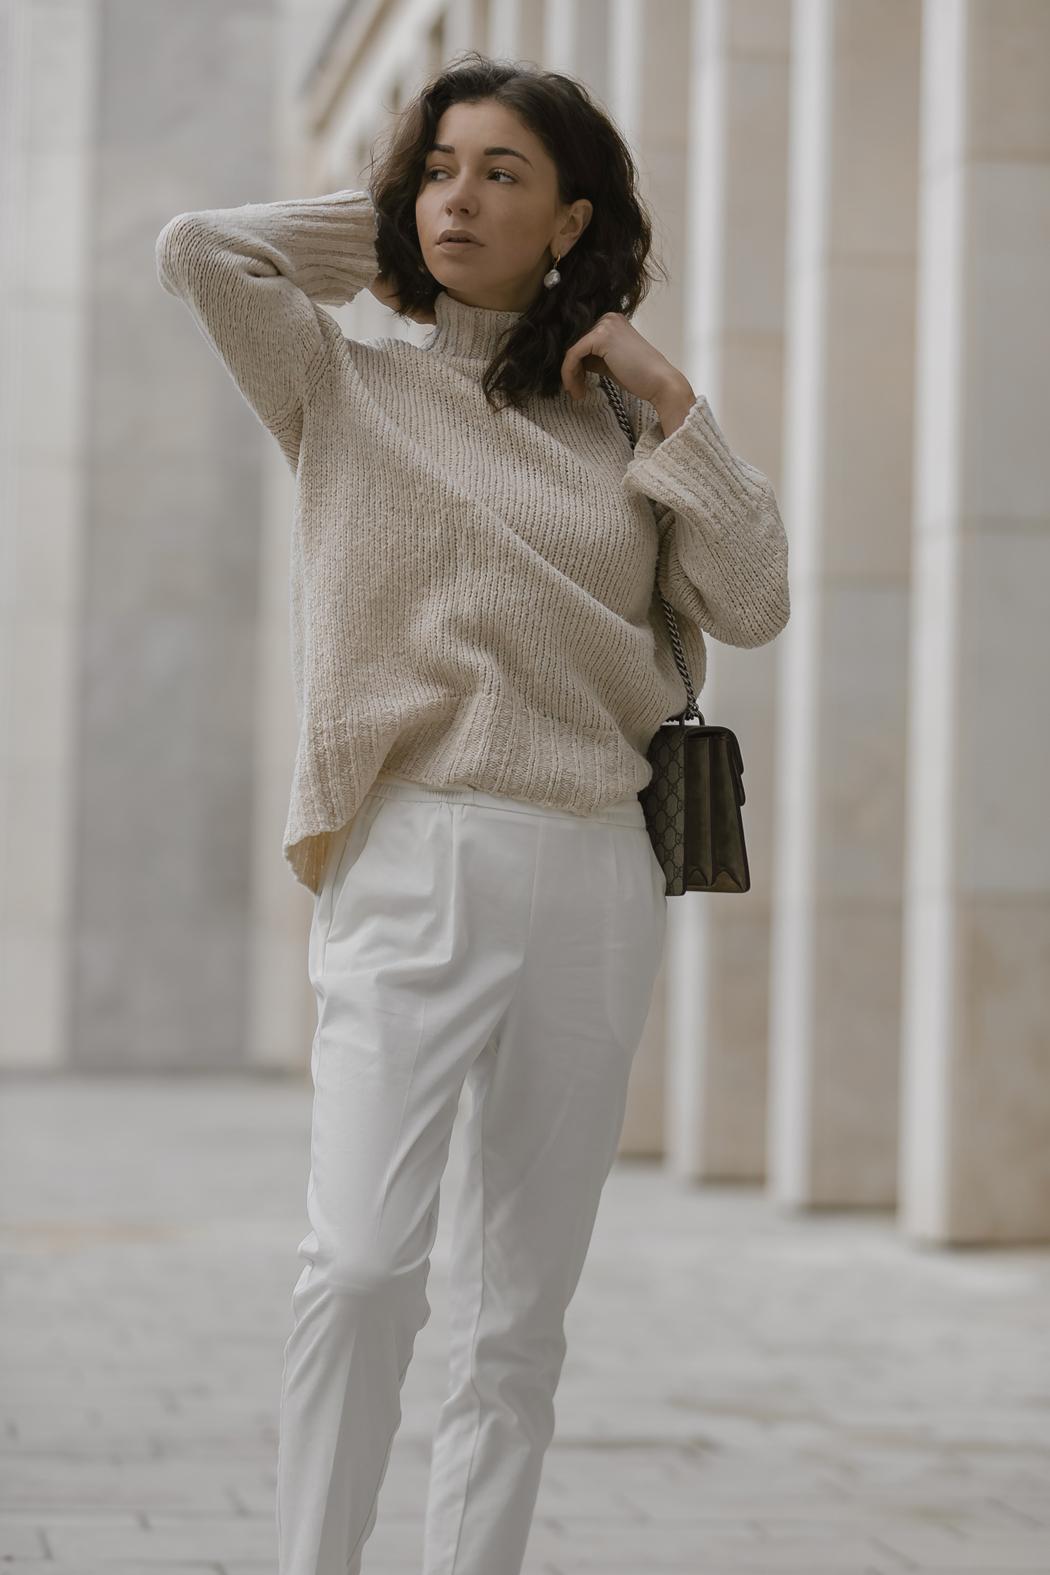 jasmin-kessler-white-winter-outfit-designer-handbag-blogger-2019-a42